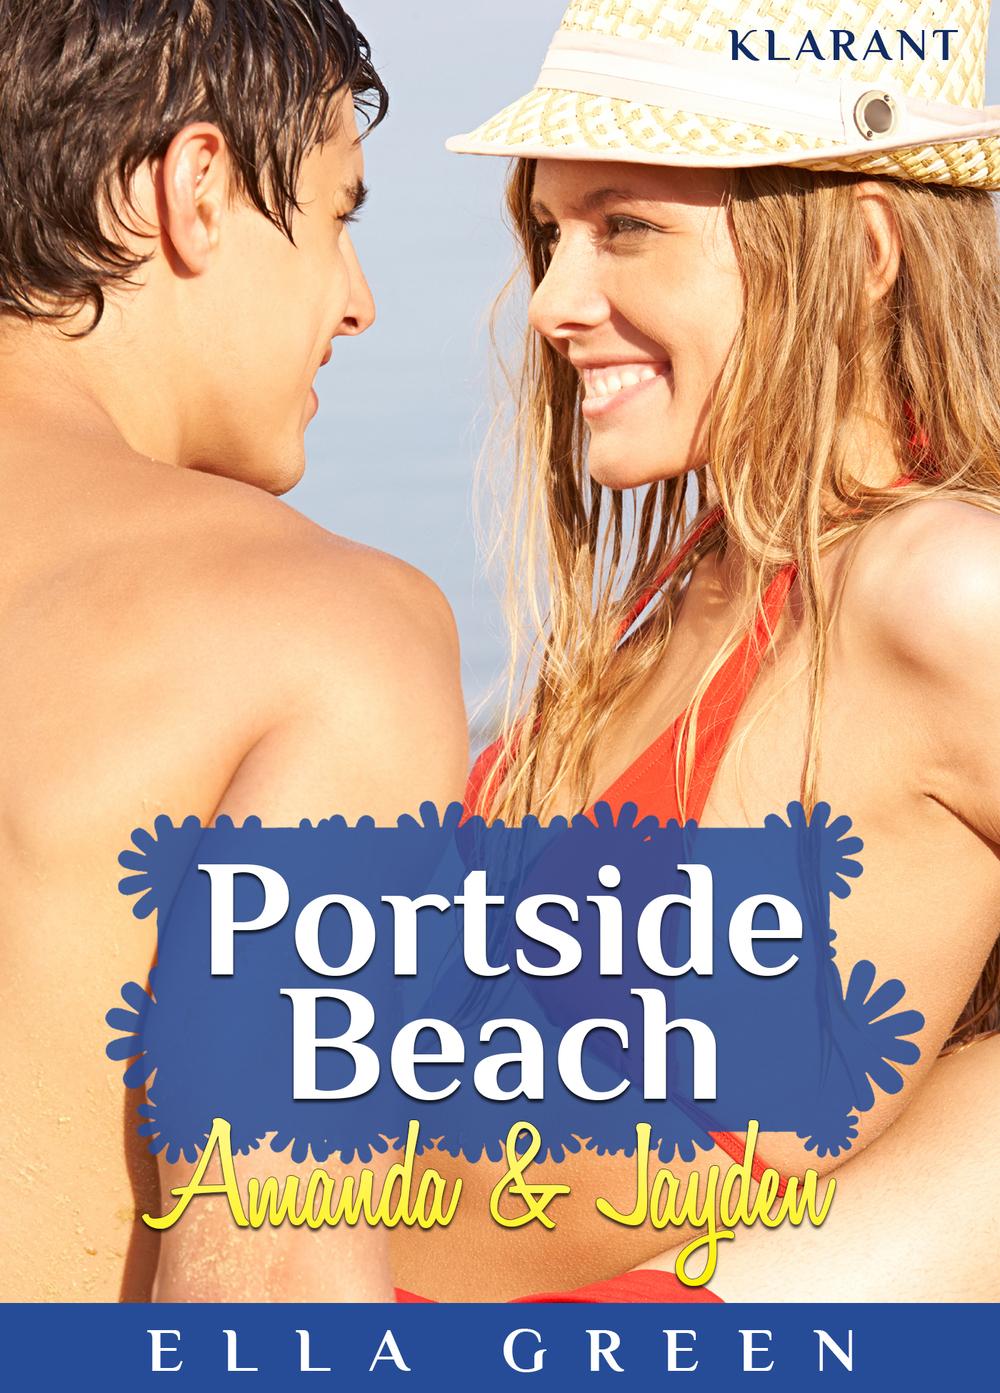 Amanda und der gut aussehende Jayden waren das Traumpaar von Portside Beach – sechs Jahre lang! Doch seit einem Schicksalsschlag, den Amanda nur schwer verarbeitet, ist nichts mehr, wie es war. Immer mehr zieht sie sich von ihren Freunden zurück und auch die große Liebe zu Jayden wird auf eine harte Probe gestellt. Während Amanda mit Hilfe einer Therapie versucht, ihren Verlust zu verarbeiten, taucht unerwartet ihre ehemals beste Freundin Sara in Portside Beach auf – und macht sich hinter ihrem Rücken an Jayden ran ...